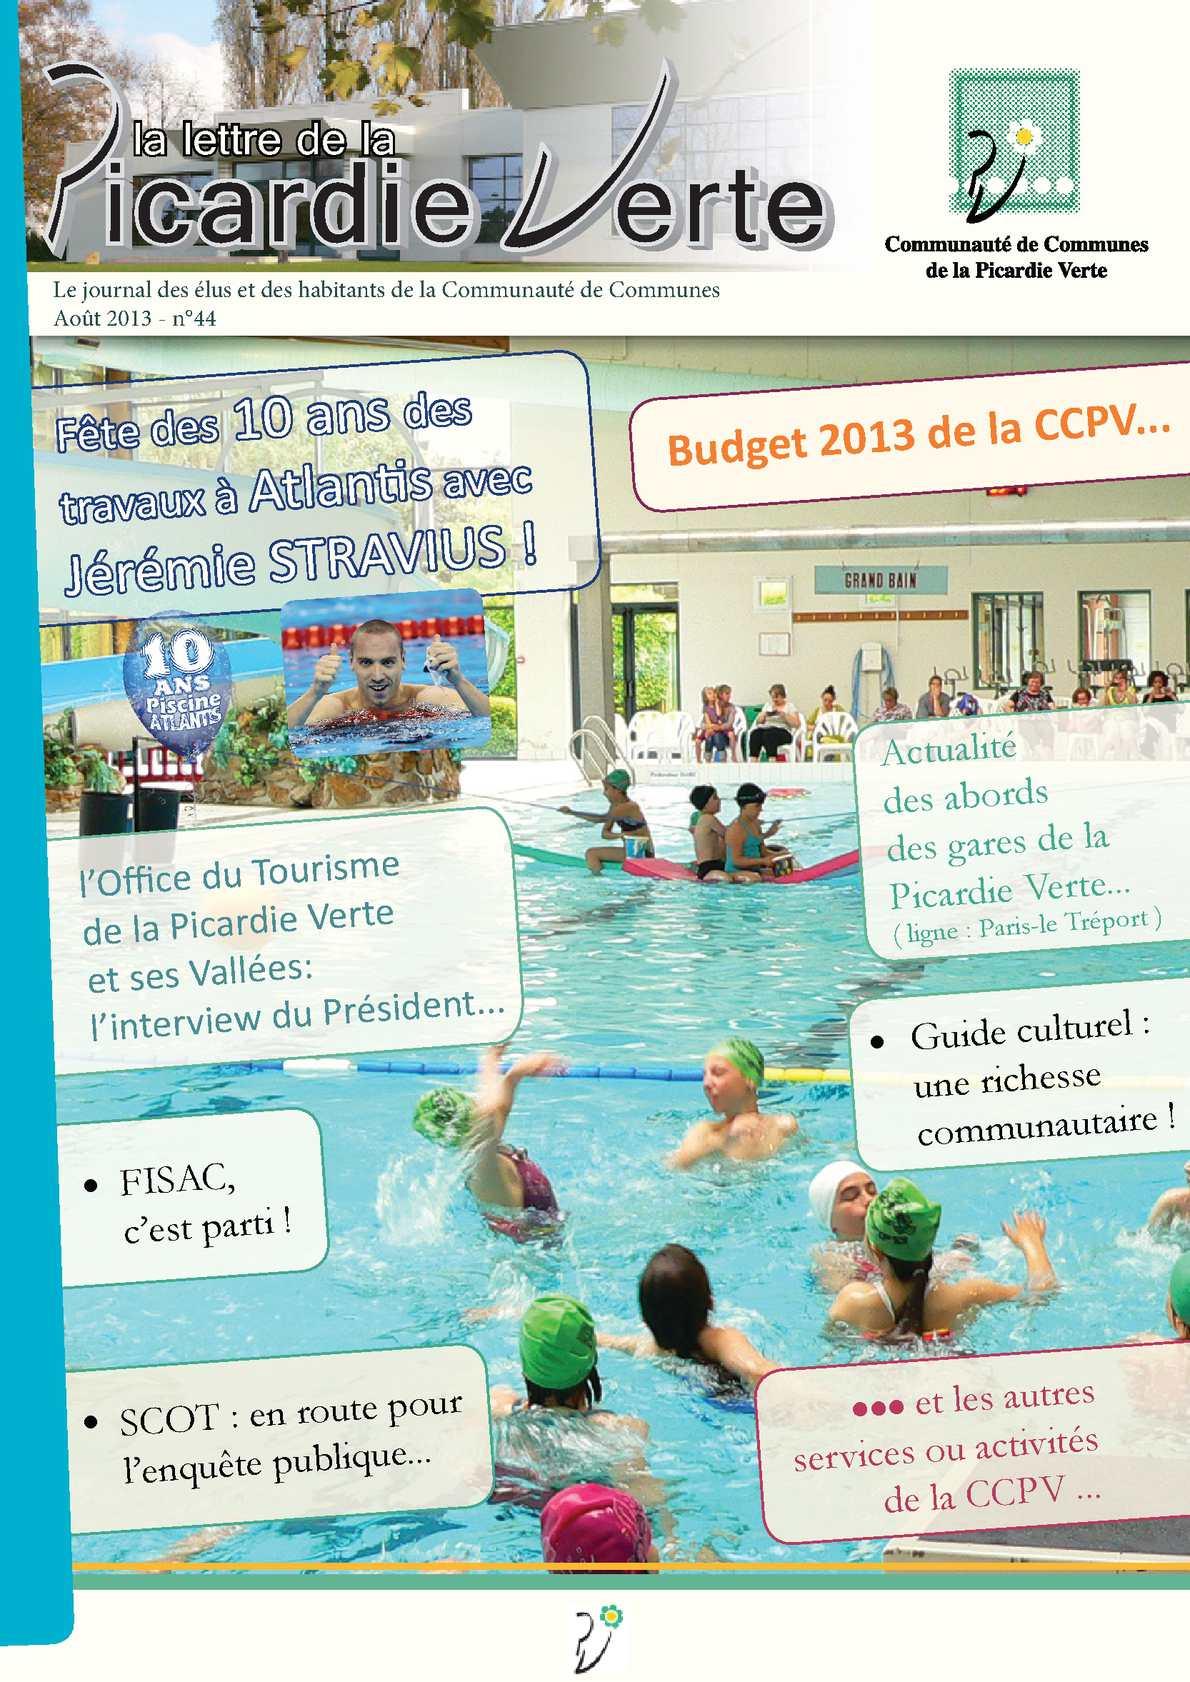 Calaméo - Lettre Ccpv N°44 Mod pour Piscine Grandvilliers